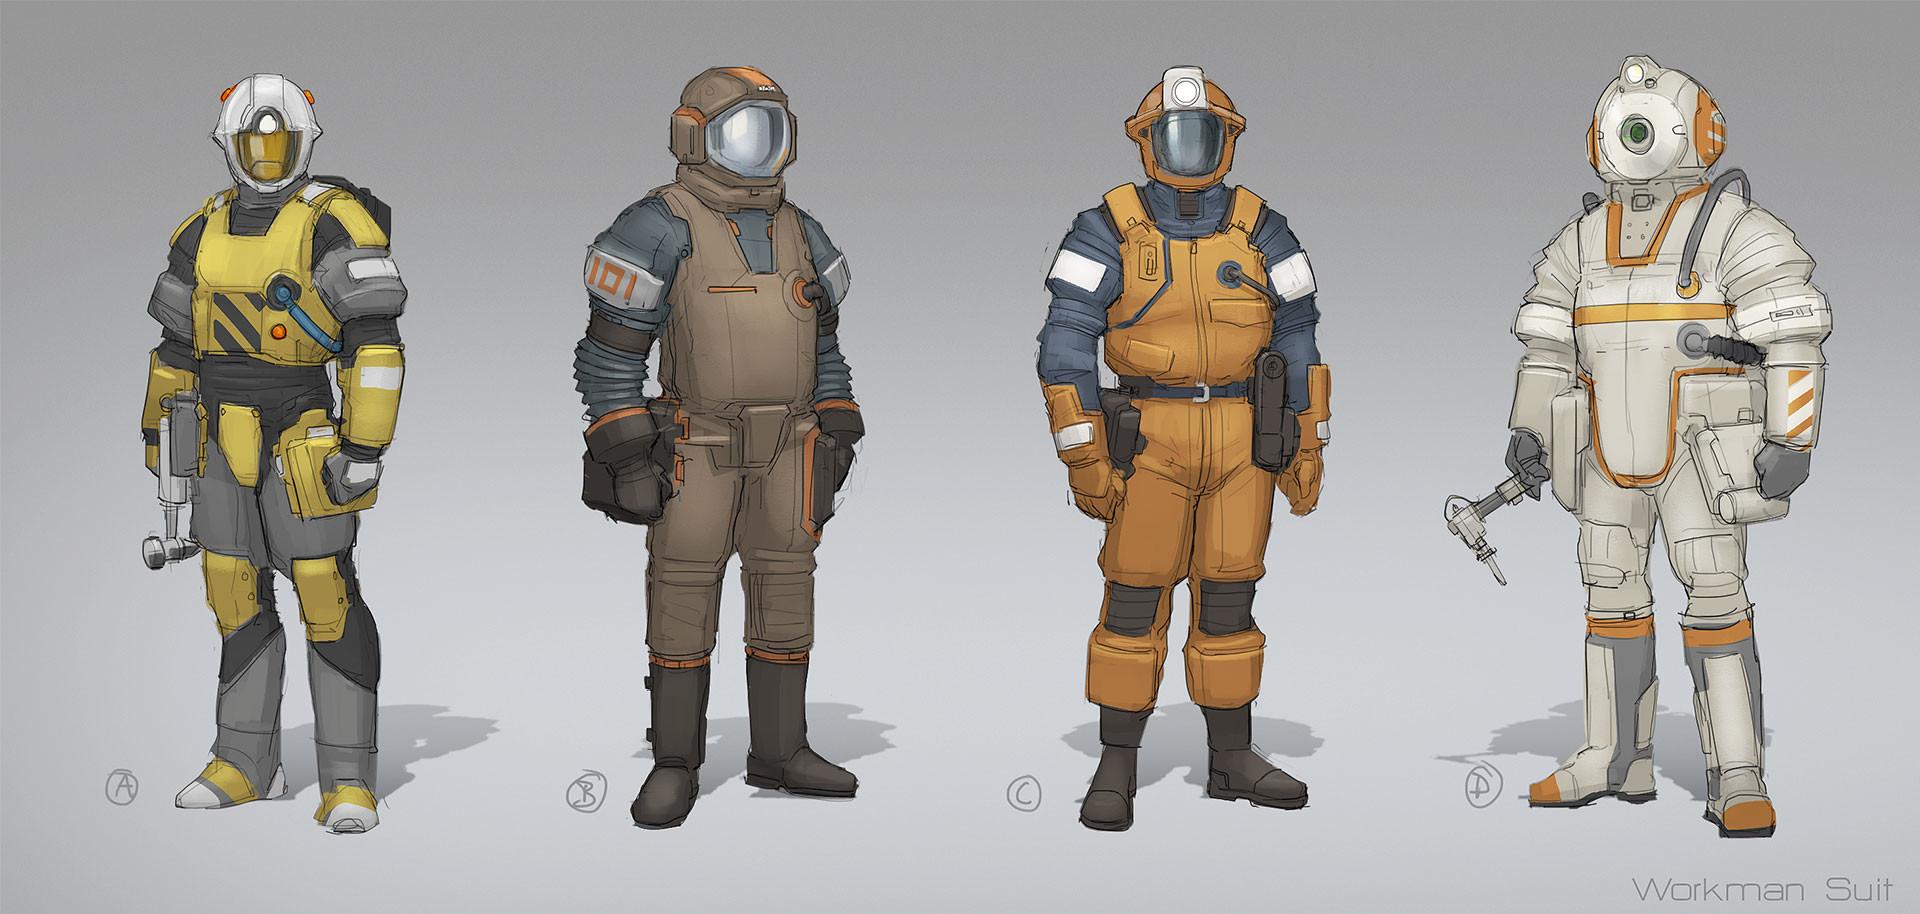 Dave jones workman suit